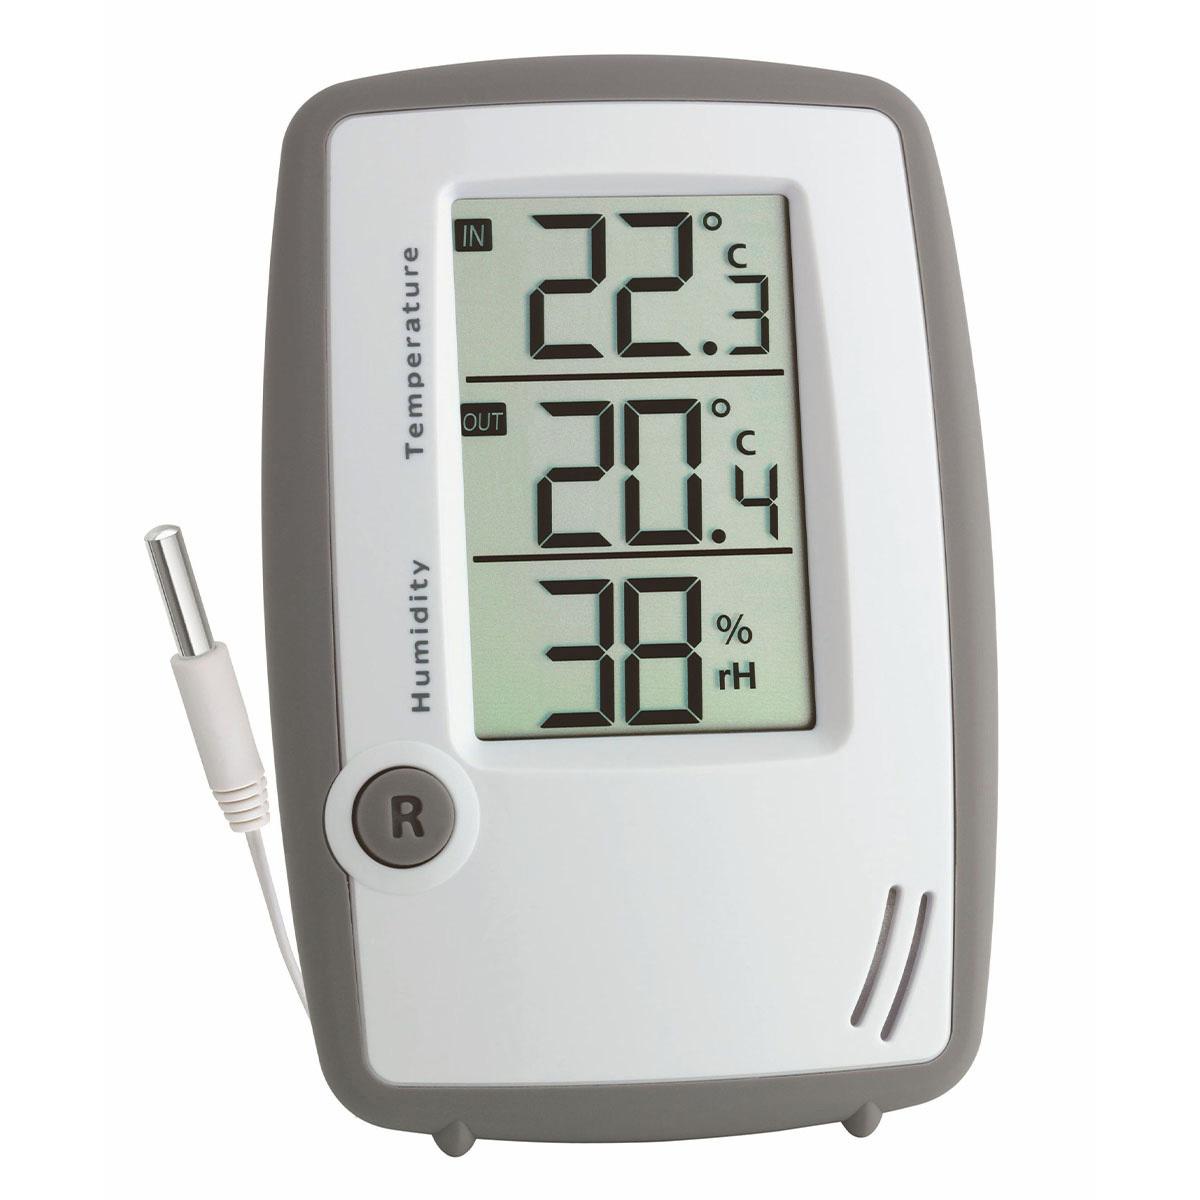 30-5024-digitales-thermo-hygrometer-mit-temperatur-kabelfühler-1200x1200px.jpg